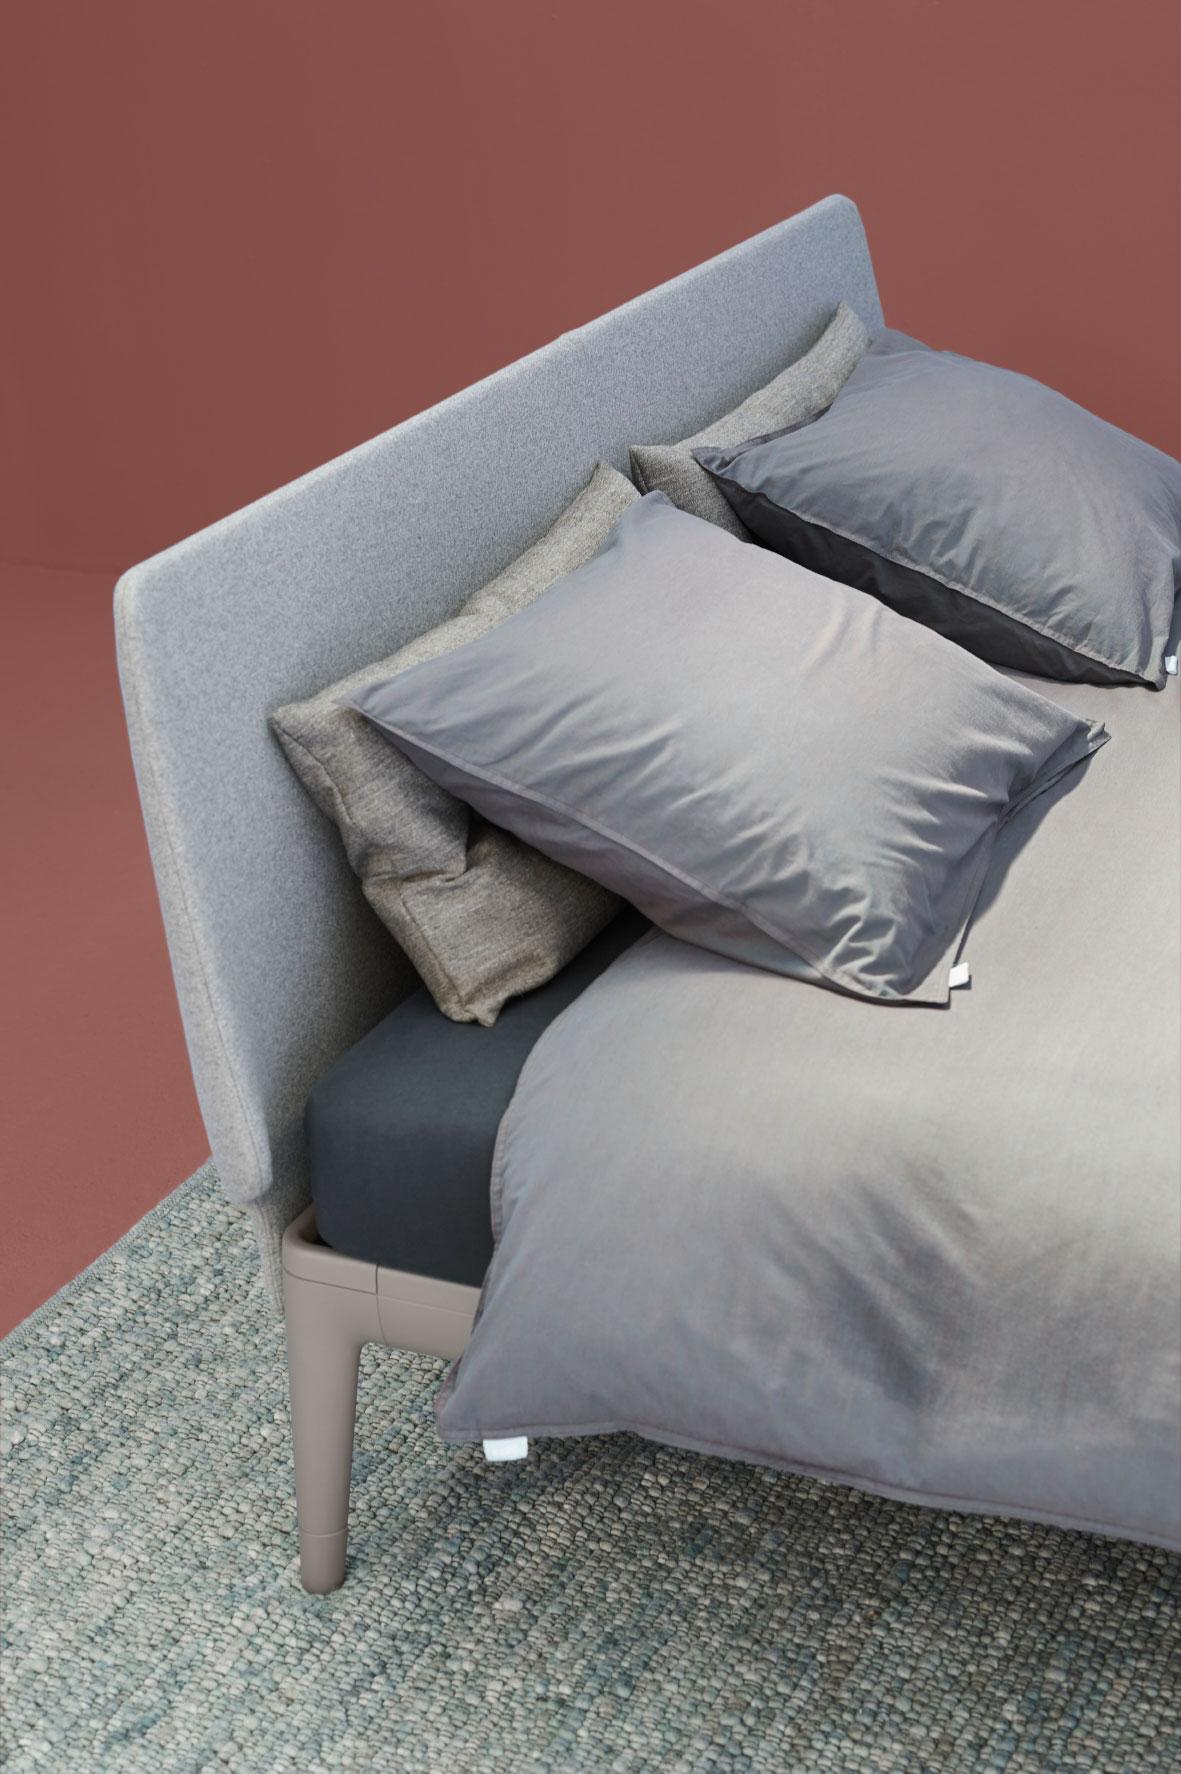 Essential bed voor een perfecte nachtrust auping - Ontwerp hoofdbord ...